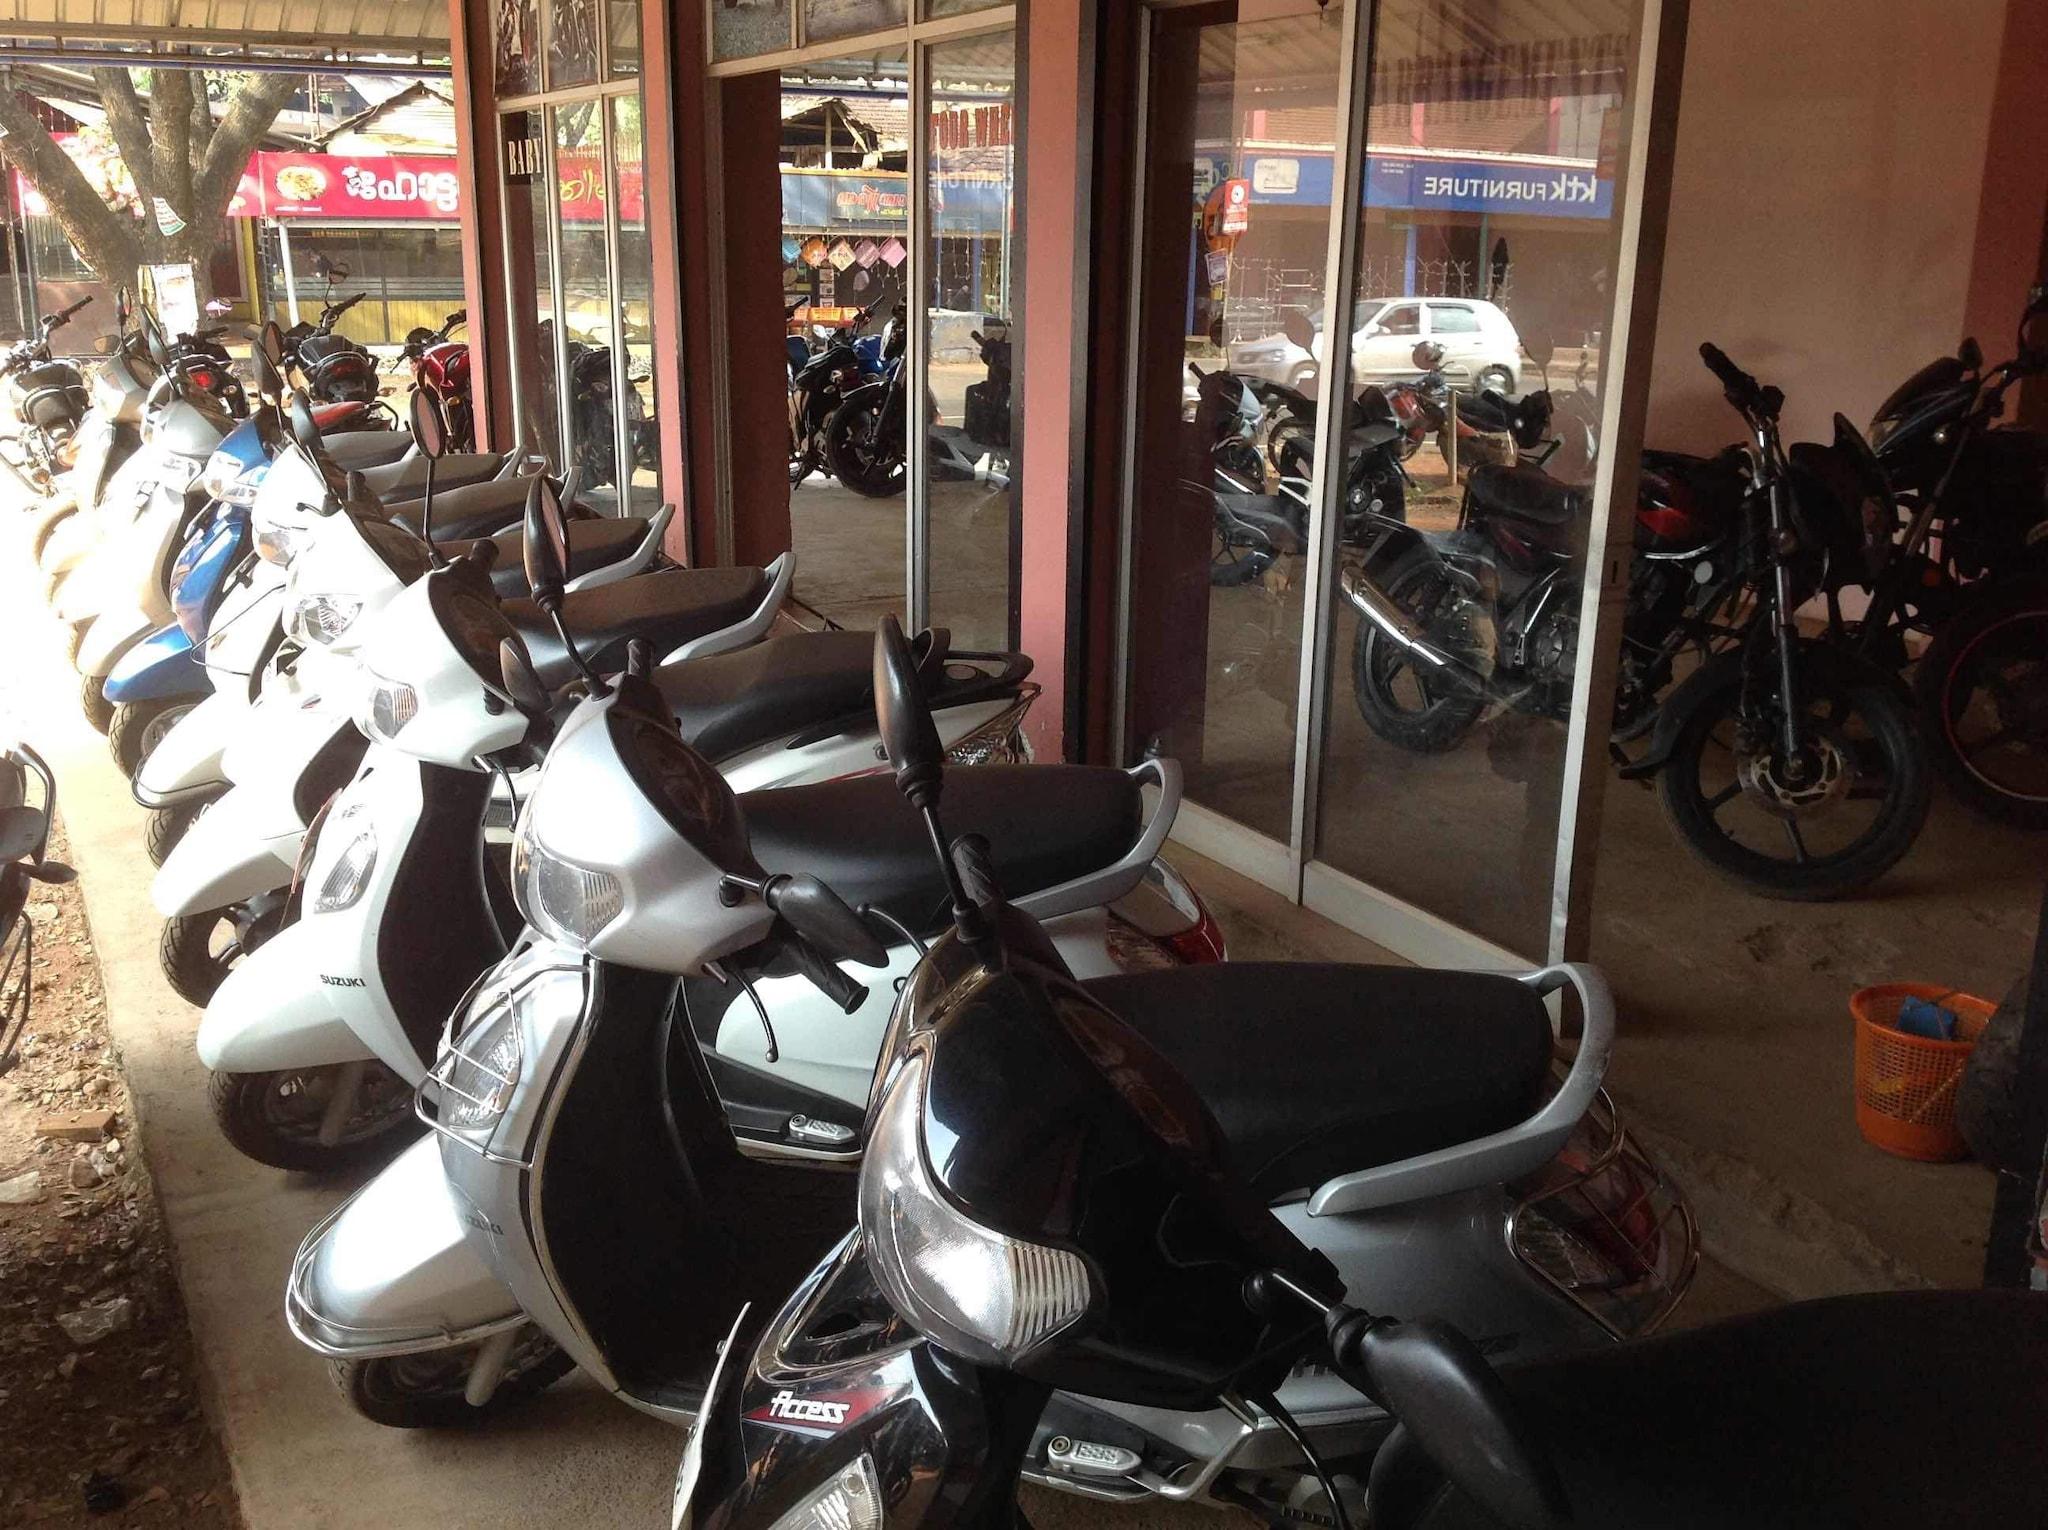 Top 8 Bajaj Second Hand Motorcycle Dealers In Karuvarakundu Best